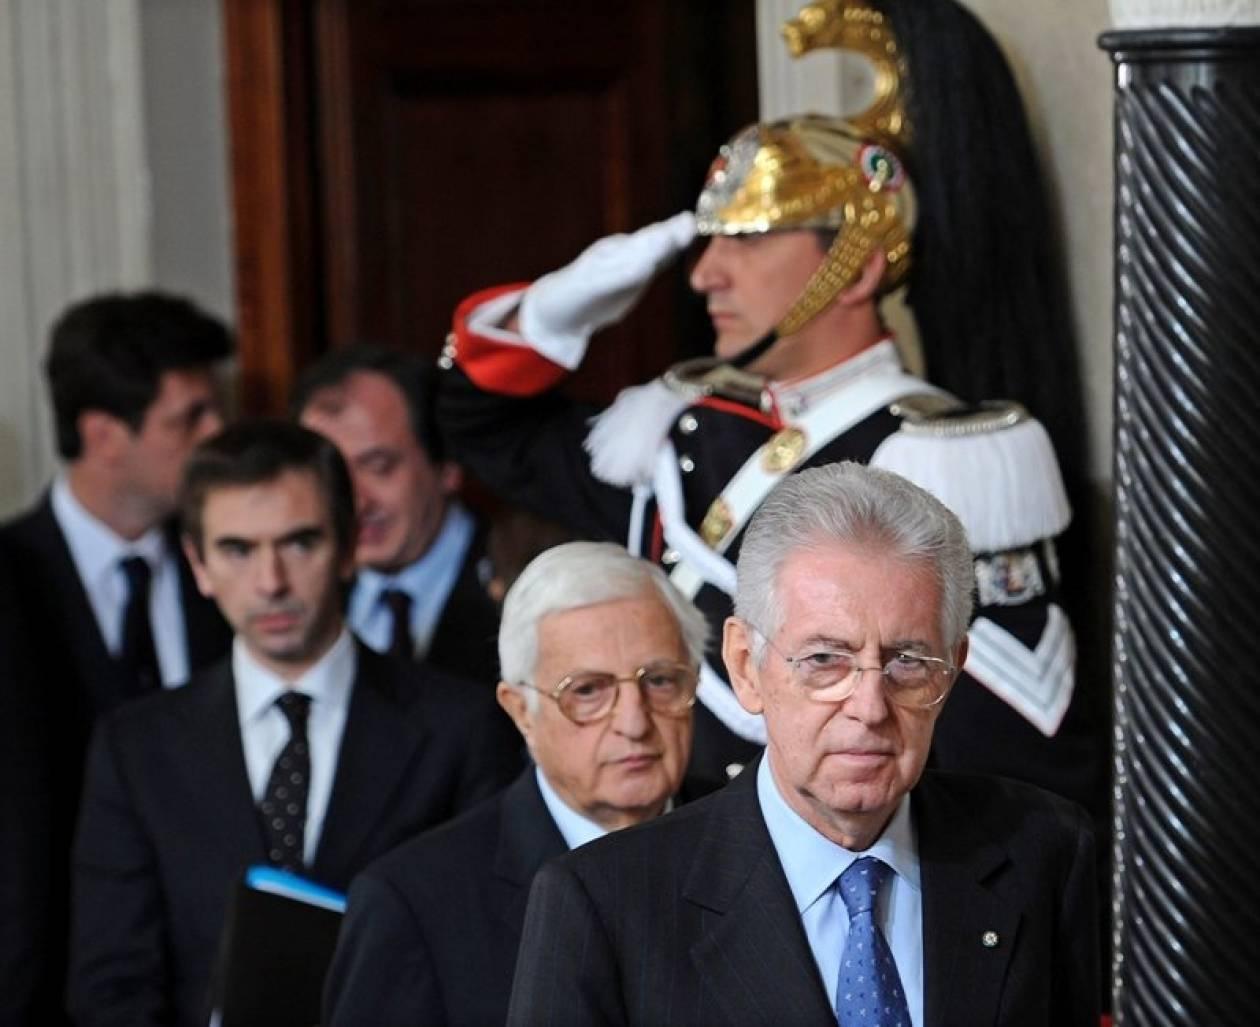 Ιταλία: H σύνθεση της νέας κυβέρνησης Μόντι